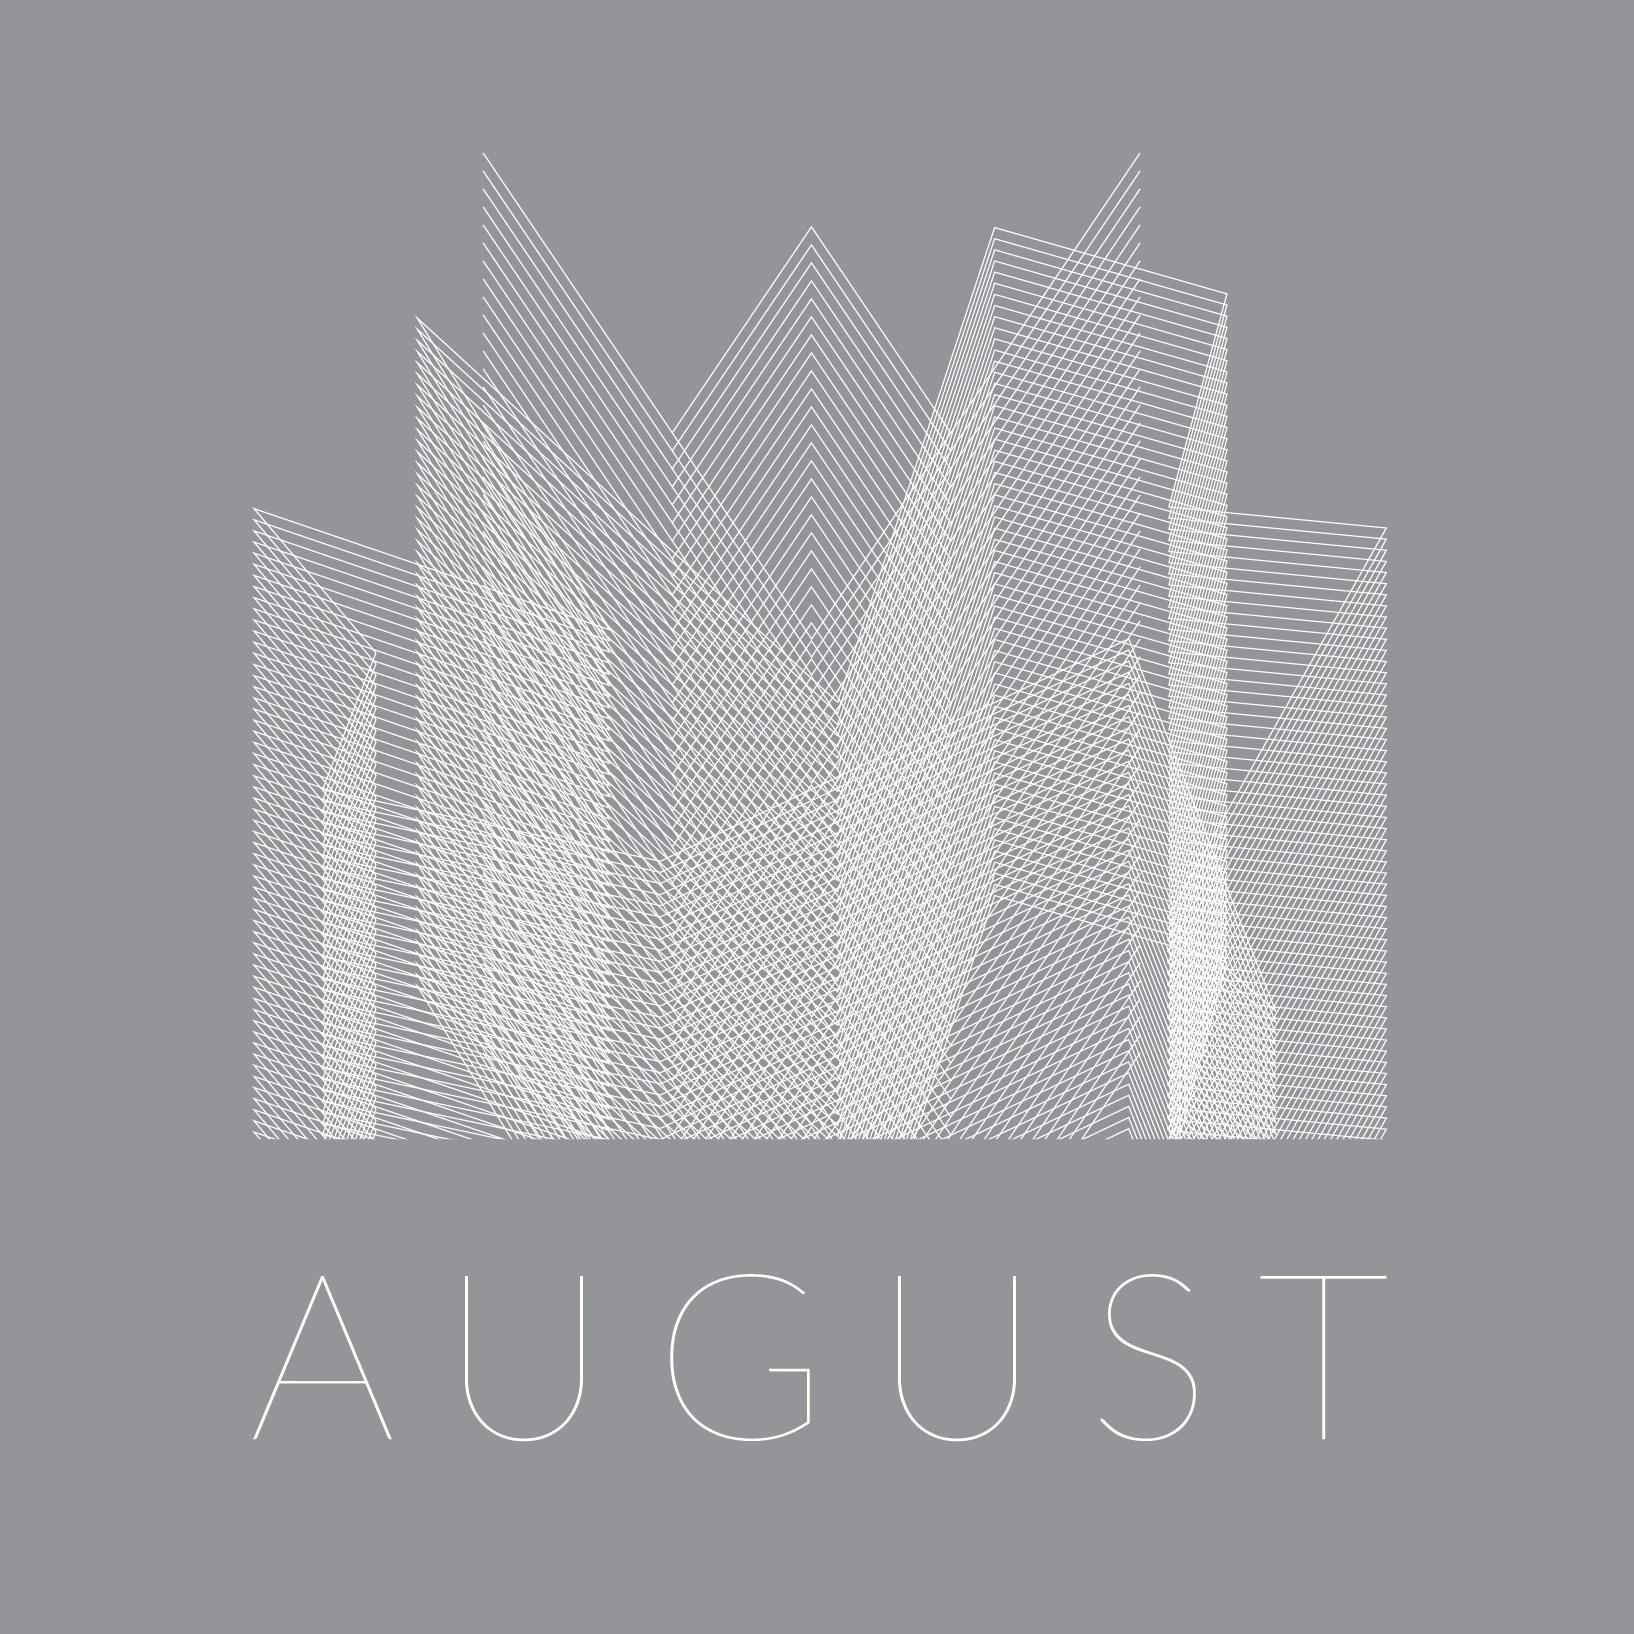 Henrik_Calendar-08_instal.jpg